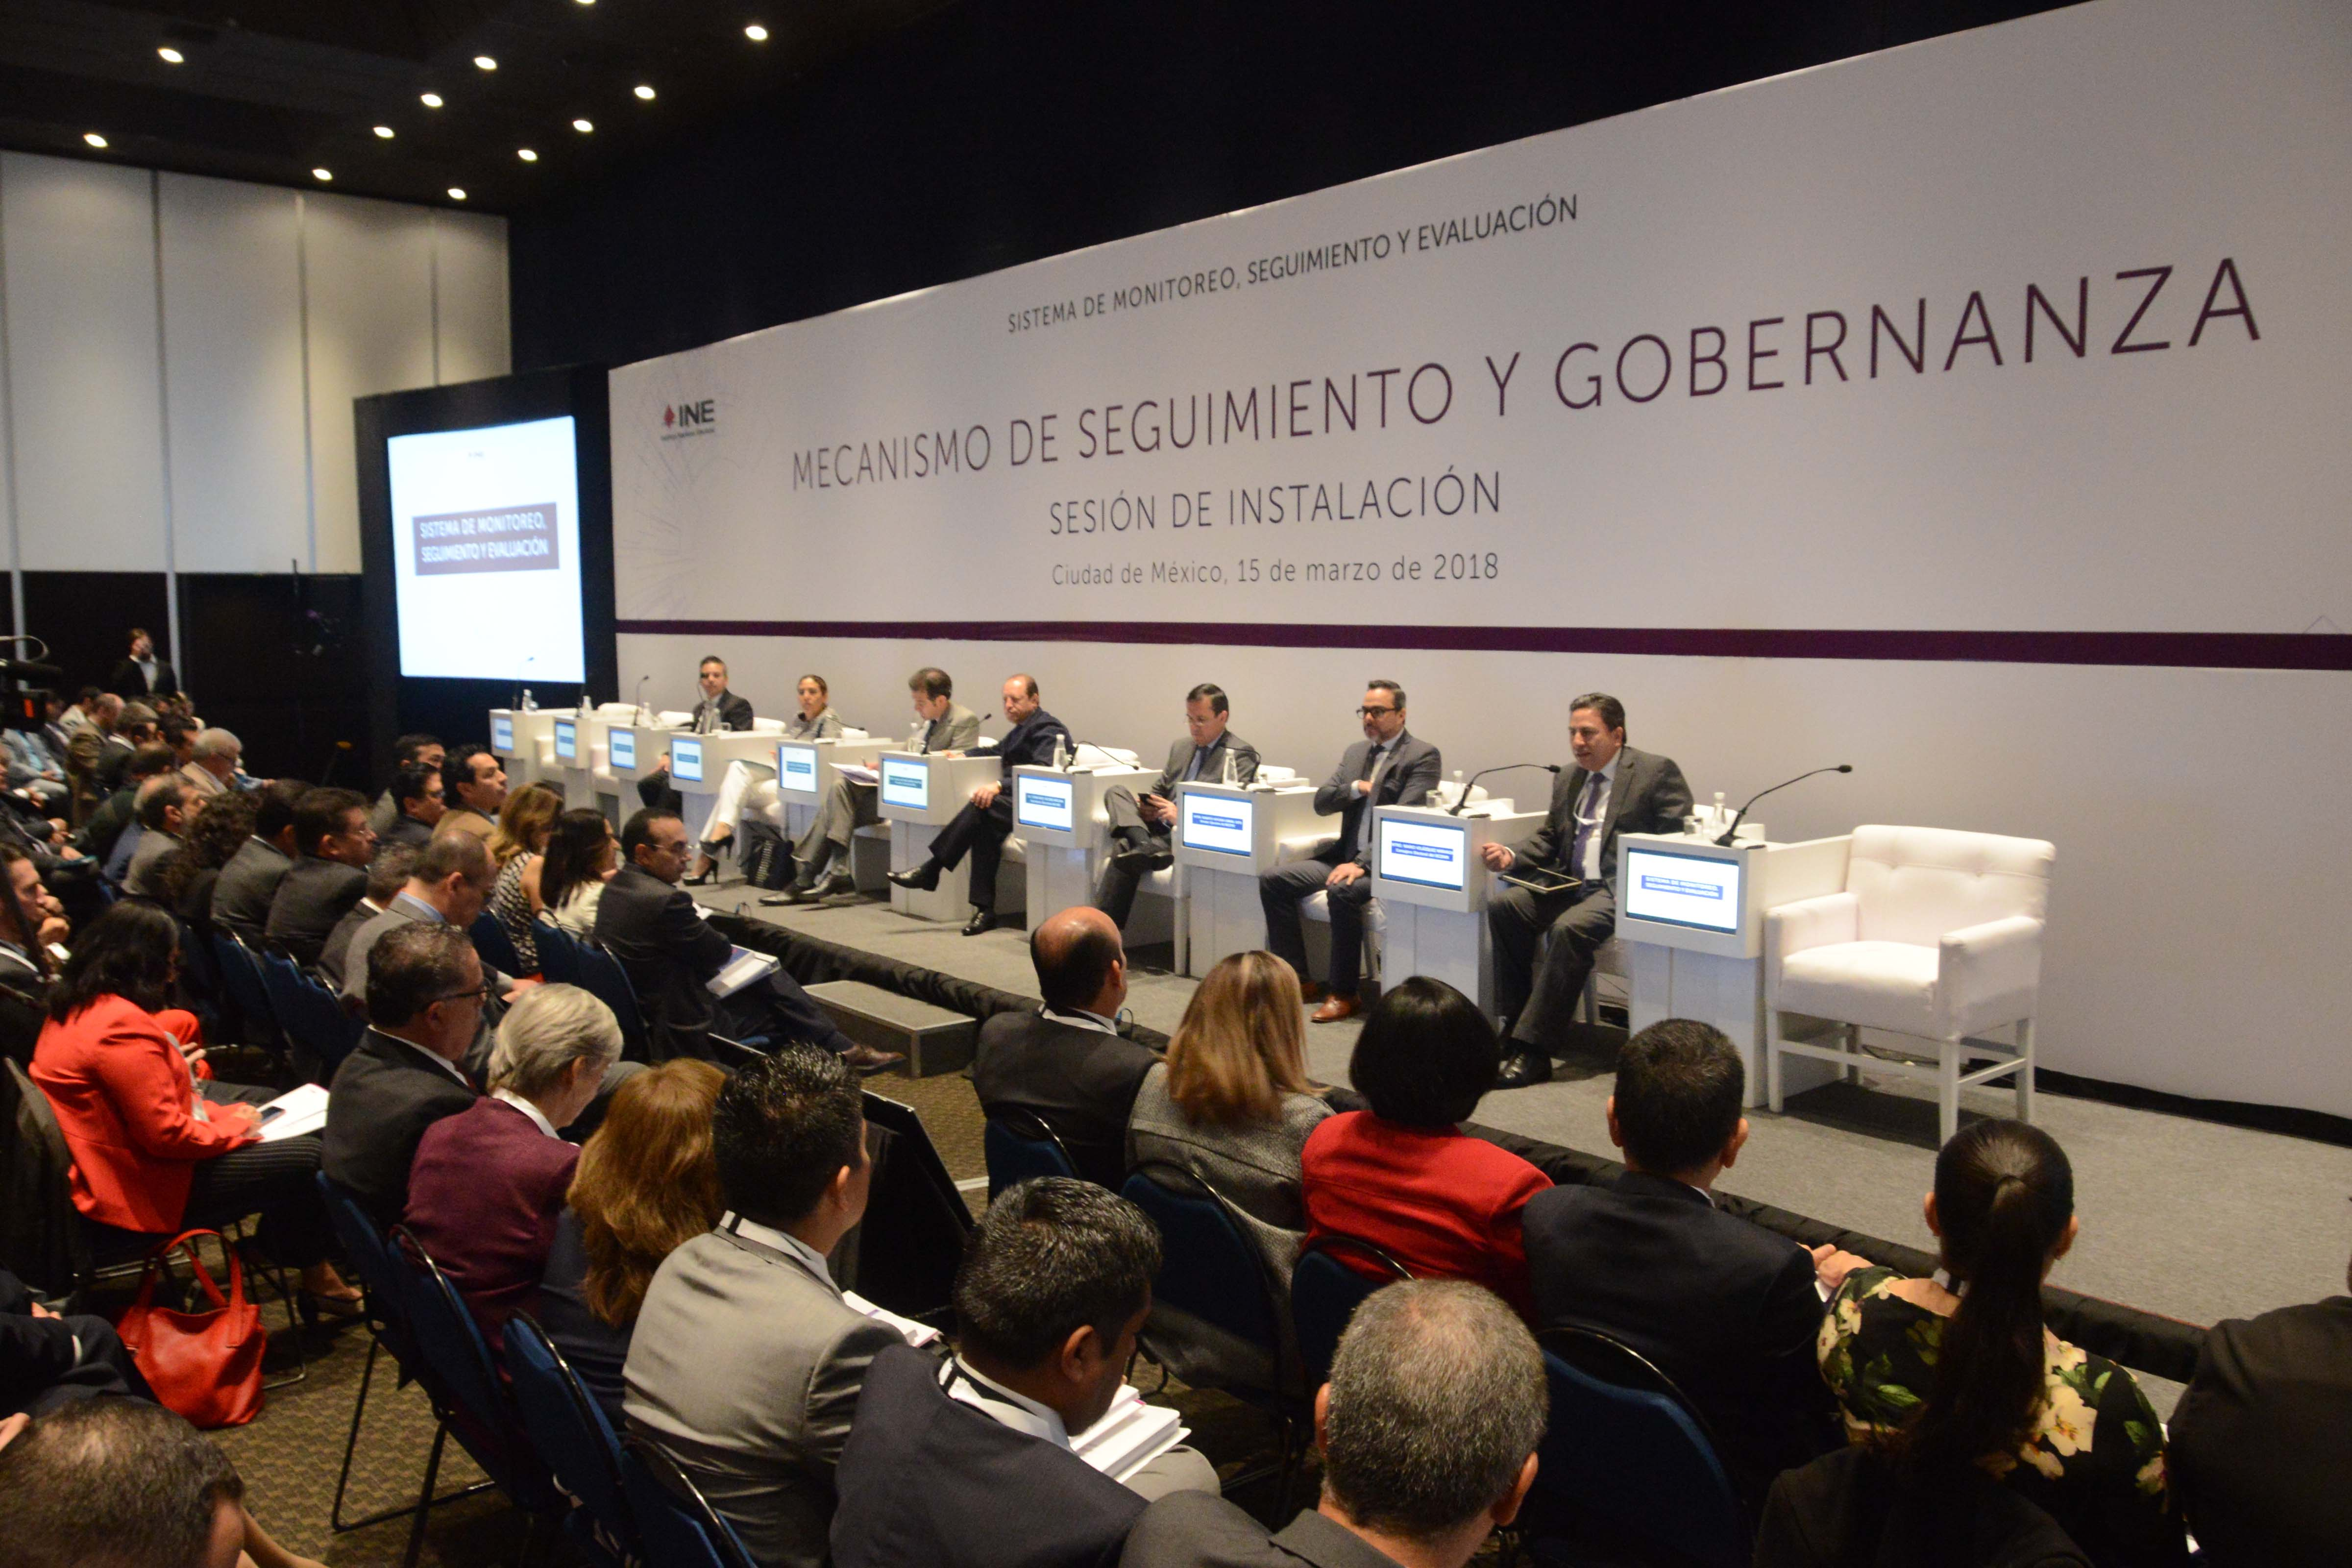 Concretar objetivos de la ENCCIVICA, permitirán más participación ciudadana: consejero Mario Velázquez Miranda